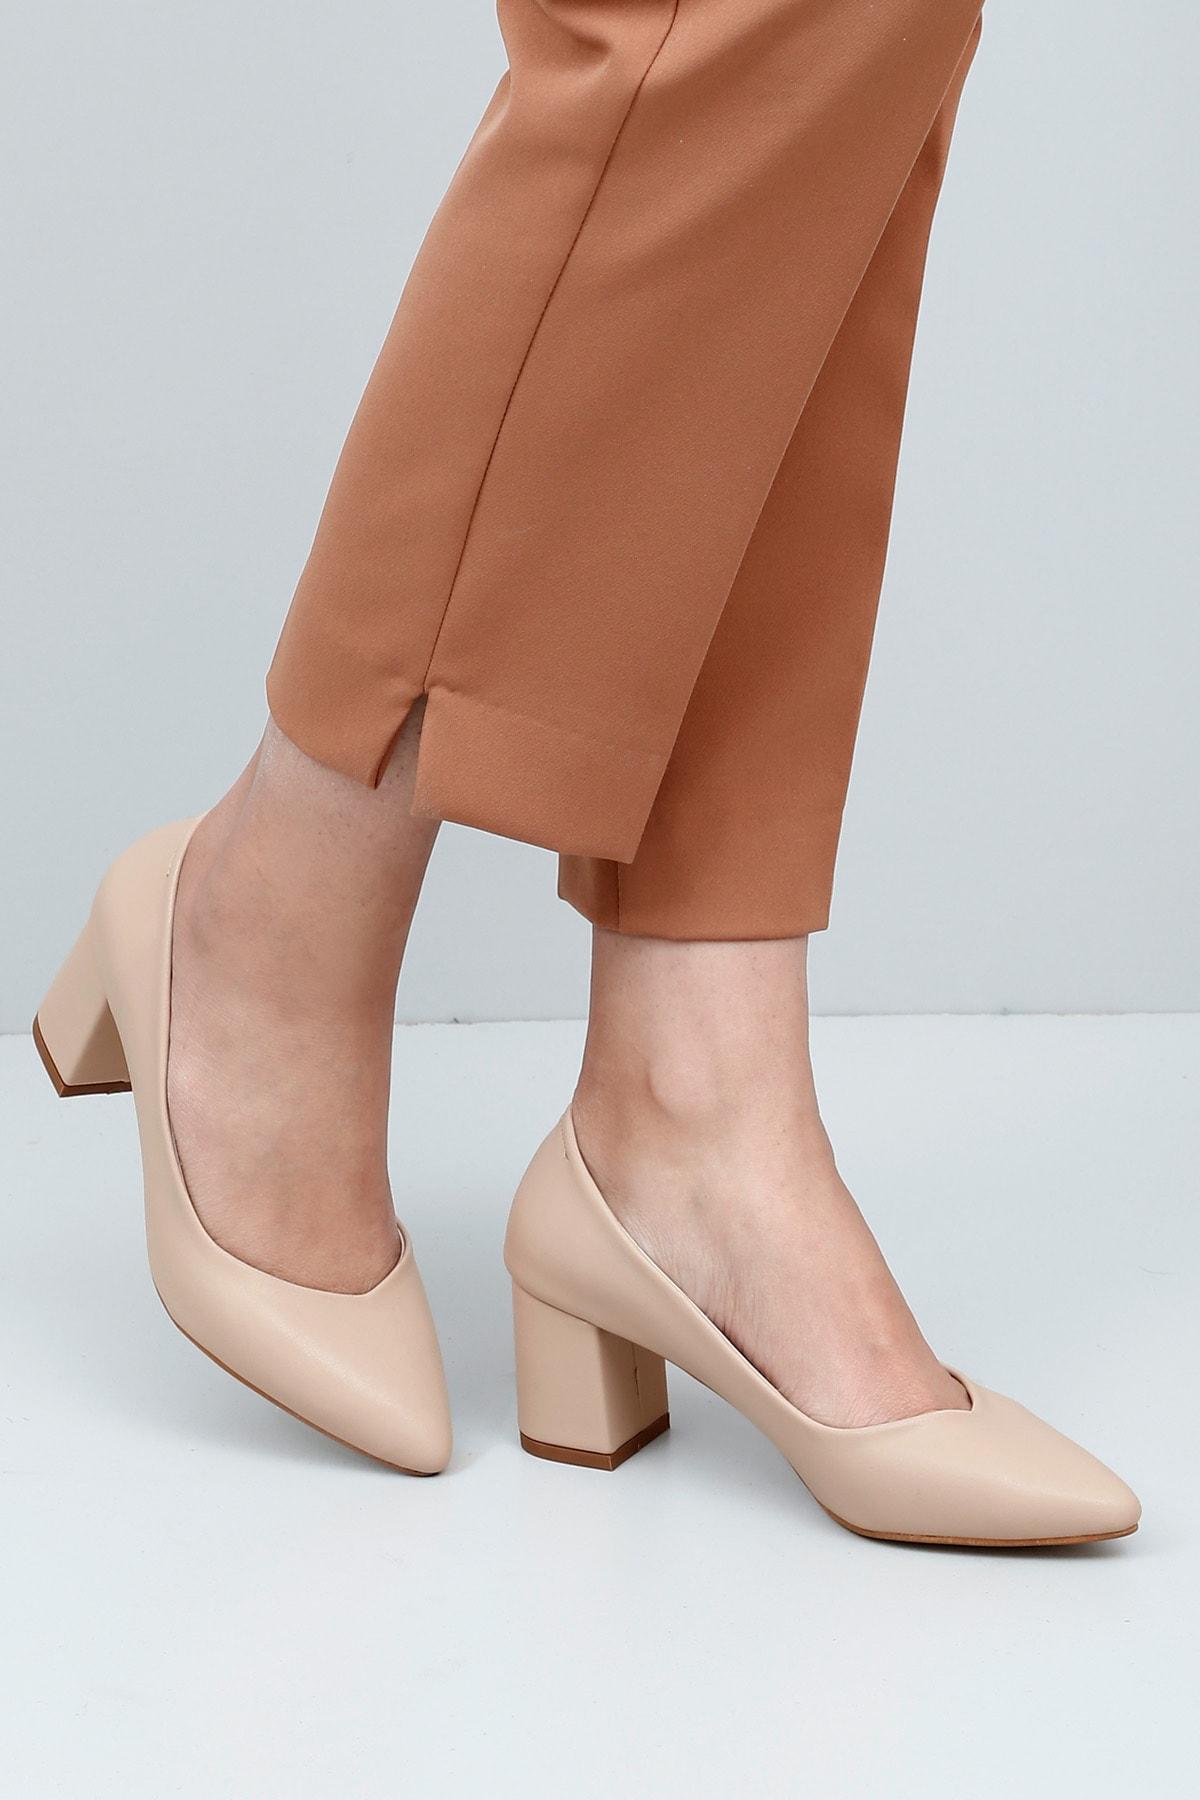 Sivri Burun Orta Kalın Topuklu Kadın Ayakkabı 38918